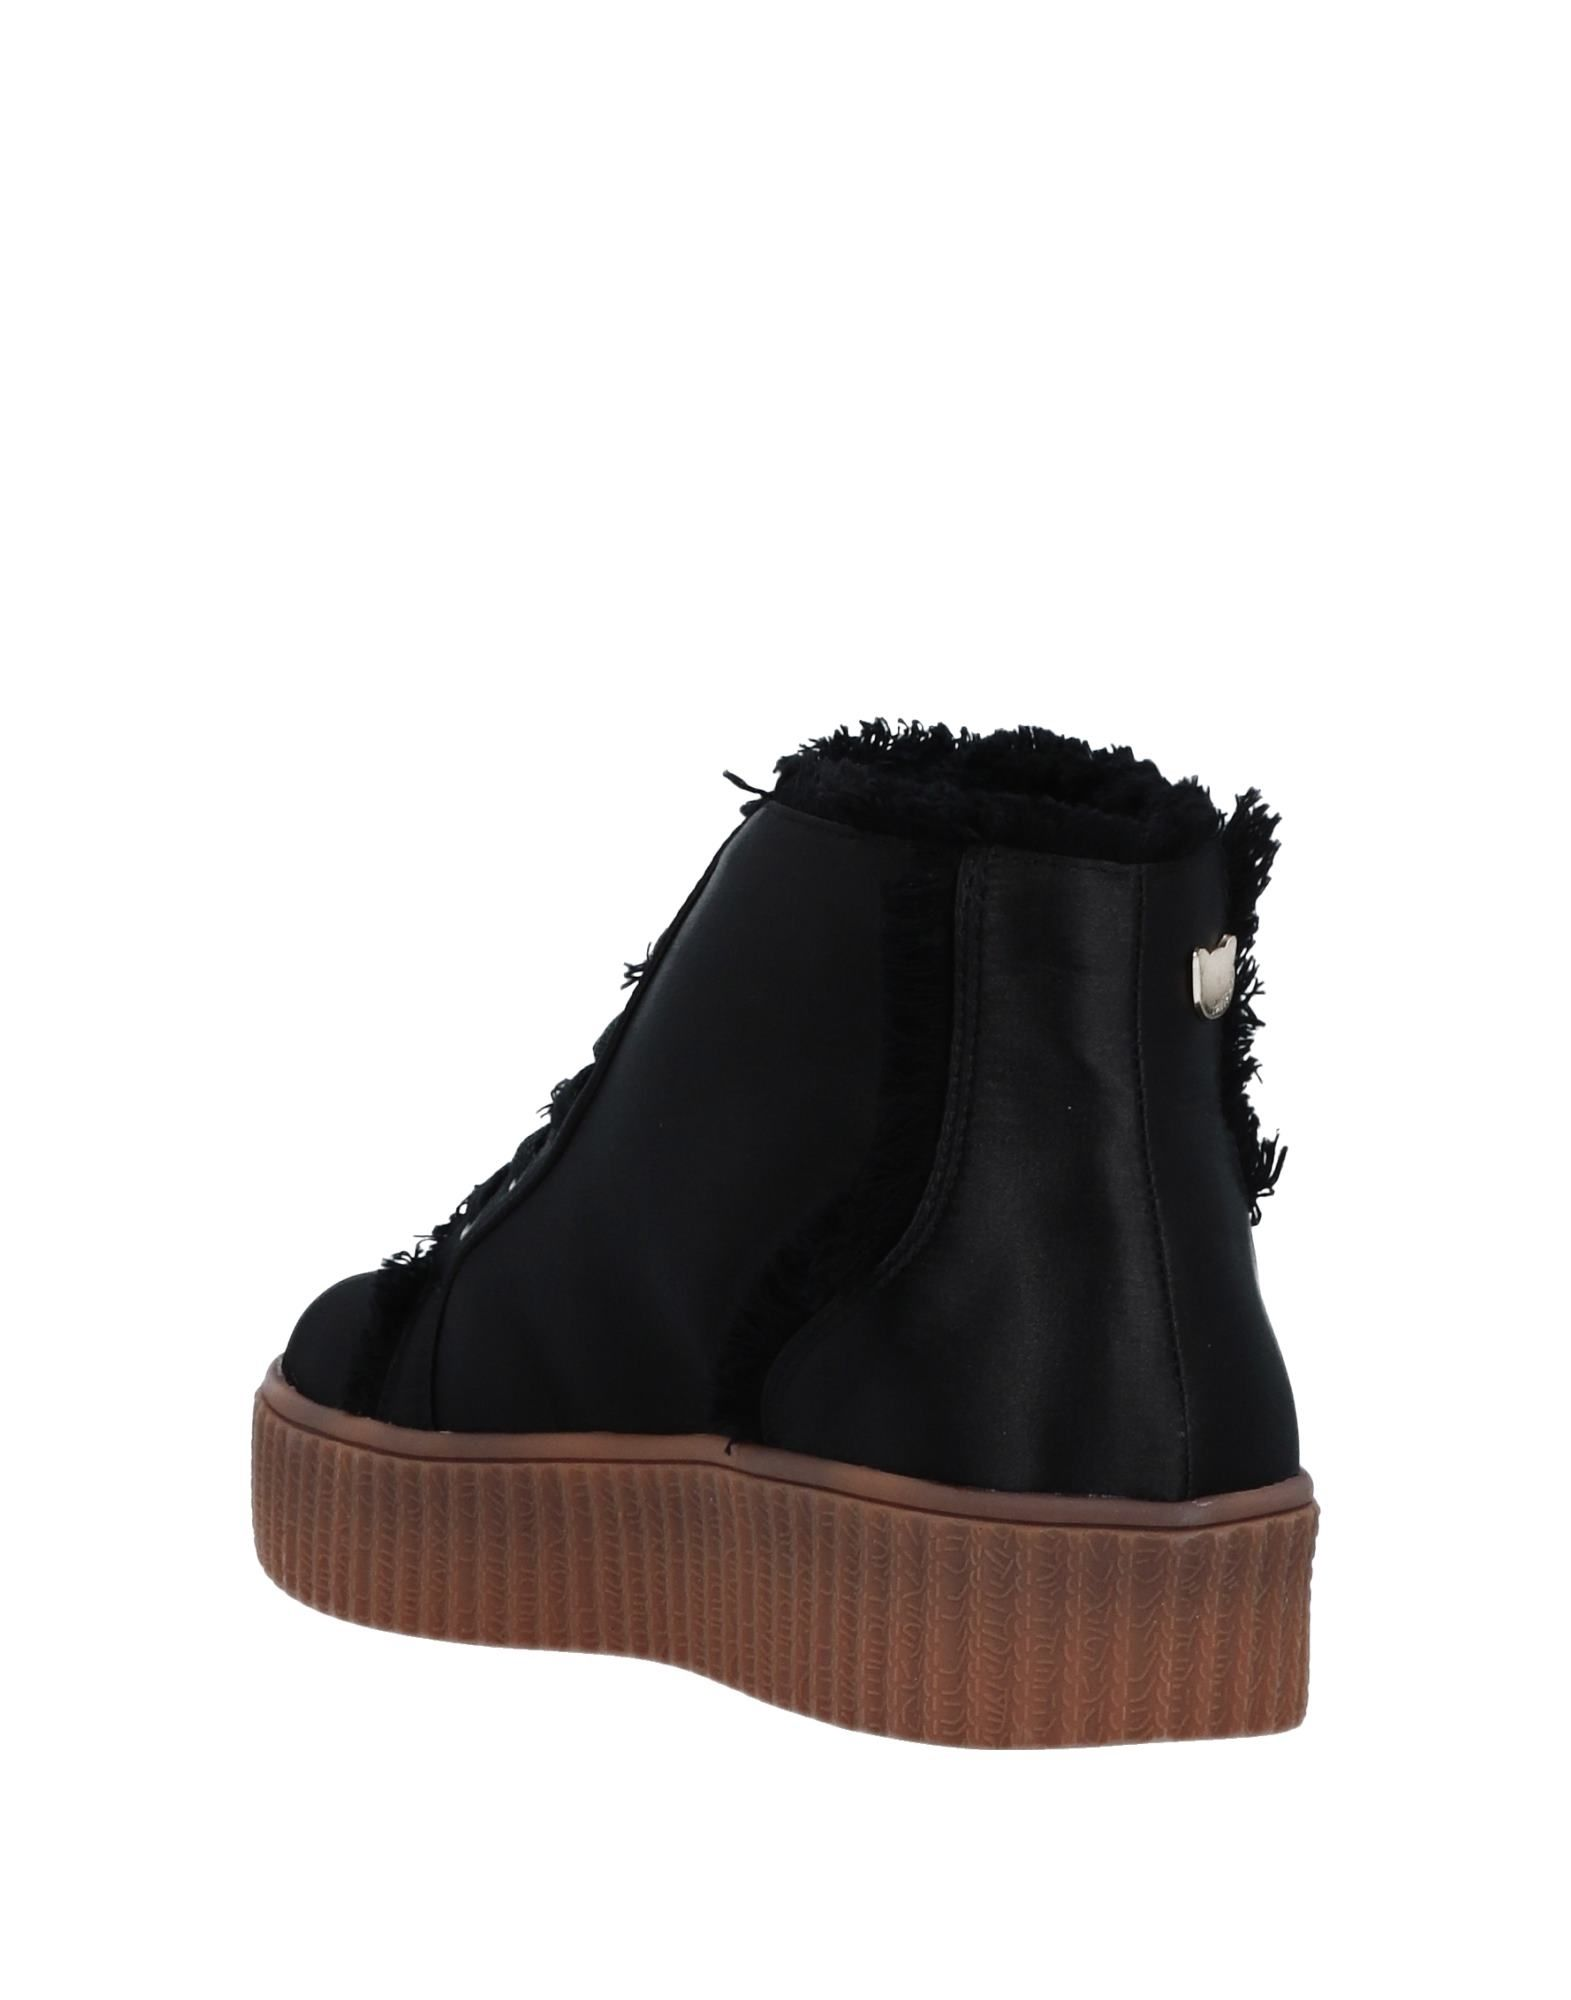 Damen Lollipops Sneakers Damen   11521015GF Heiße Schuhe 0b8639